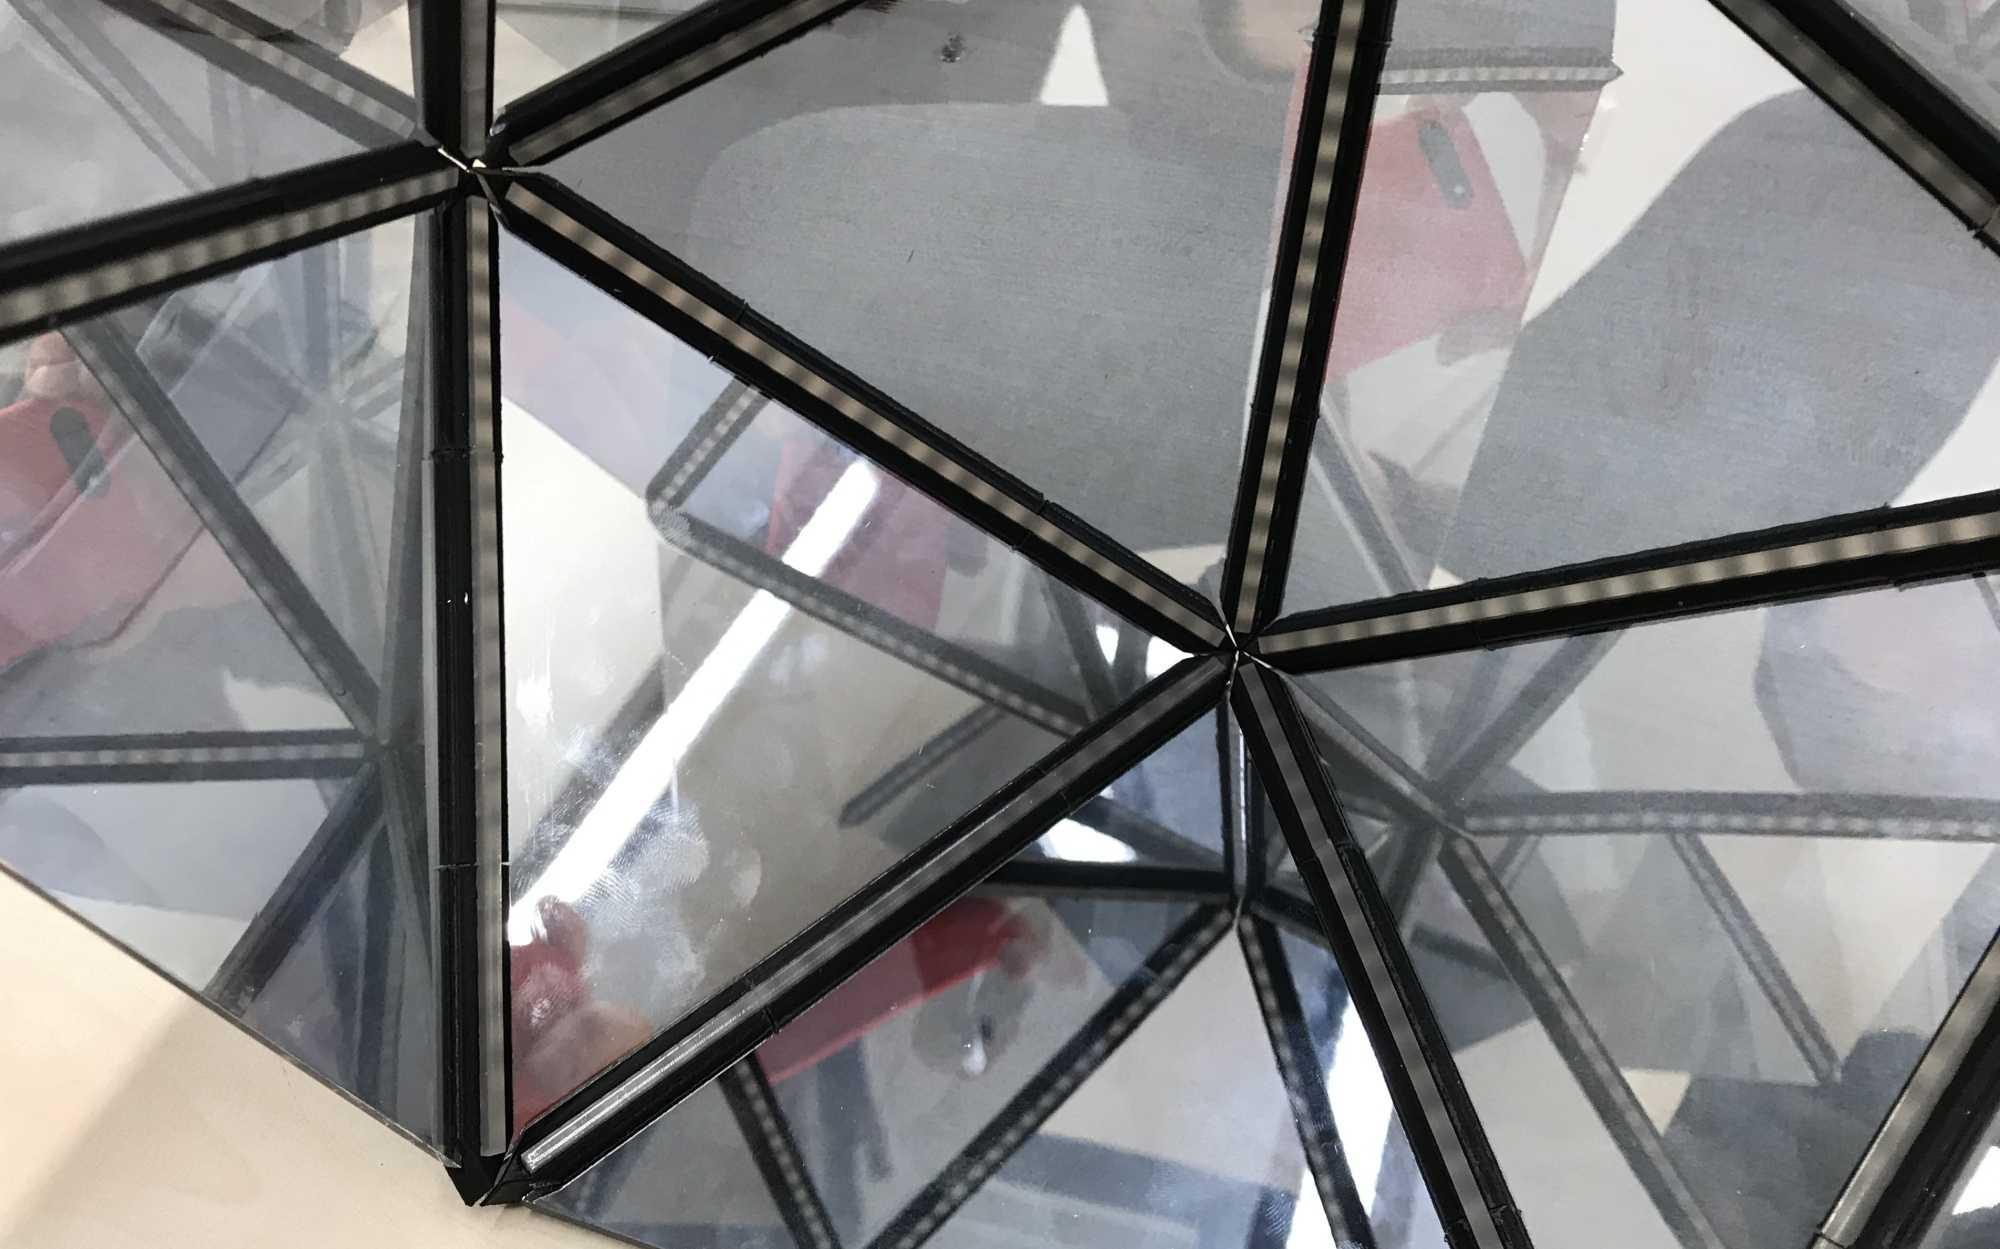 Blick in eine Konstruktion unendlicher Spiegel.